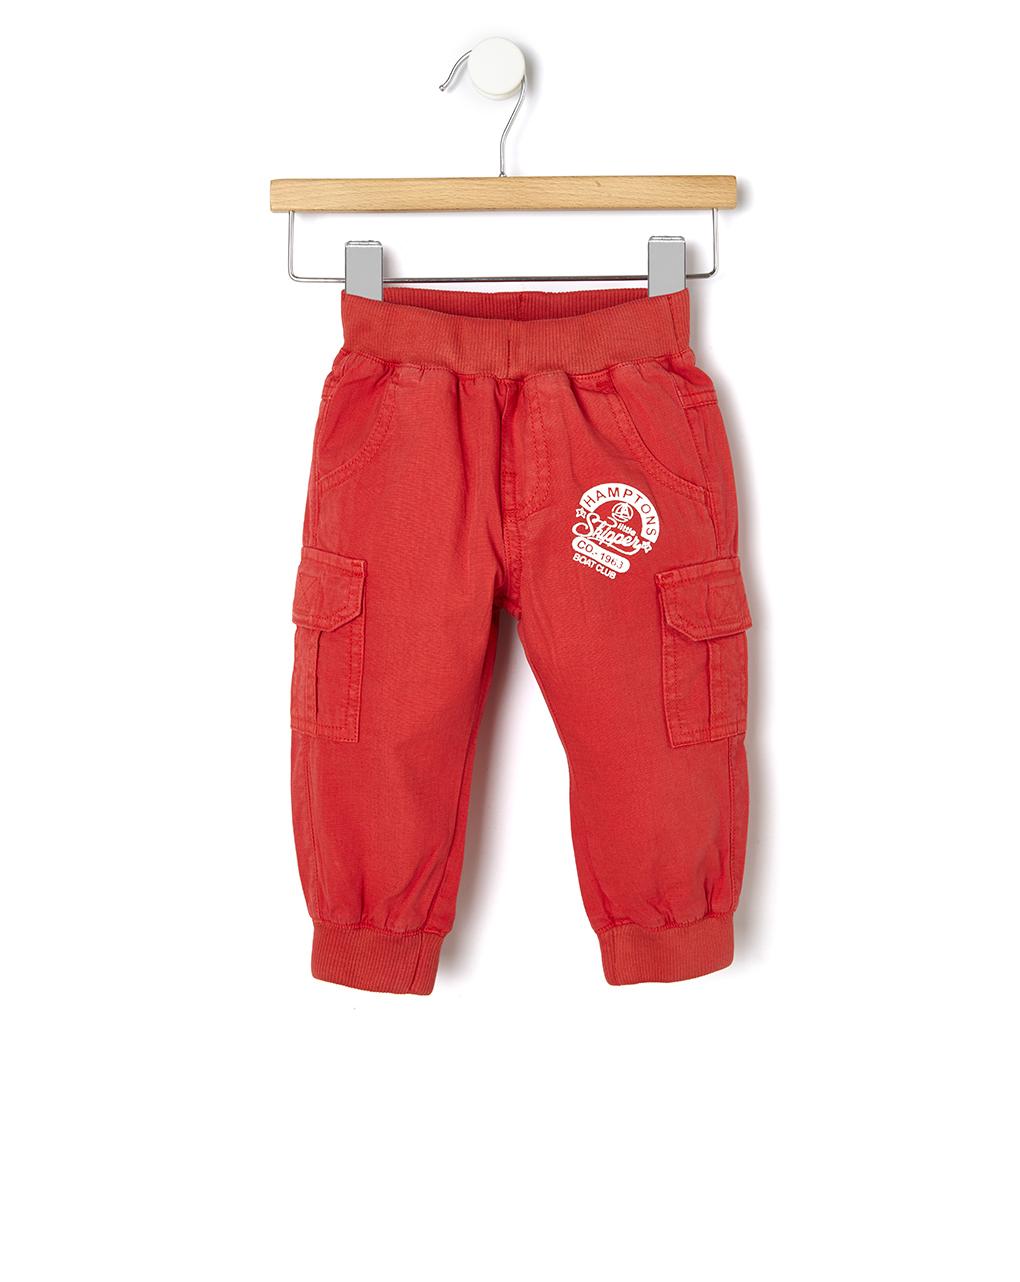 Παντελόνι Cargo Κόκκινο για Αγόρι